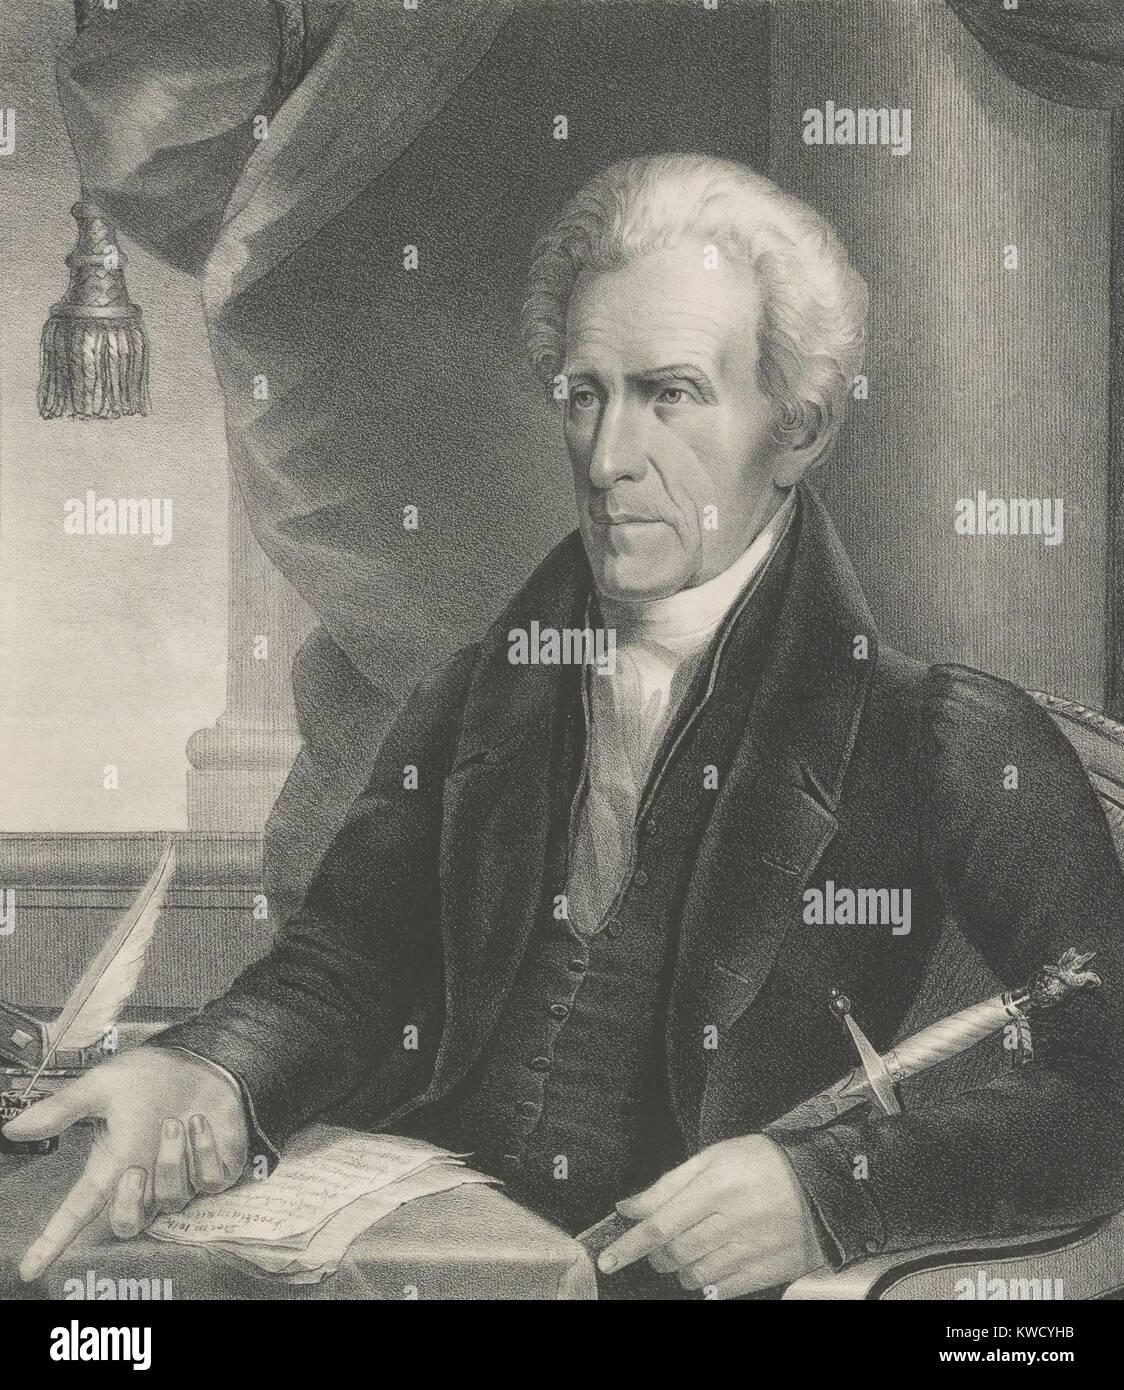 El presidente Andrew Jackson, 1833 imprimir por Ezra Bisbee (BSLOC_2017_6_13) Imagen De Stock